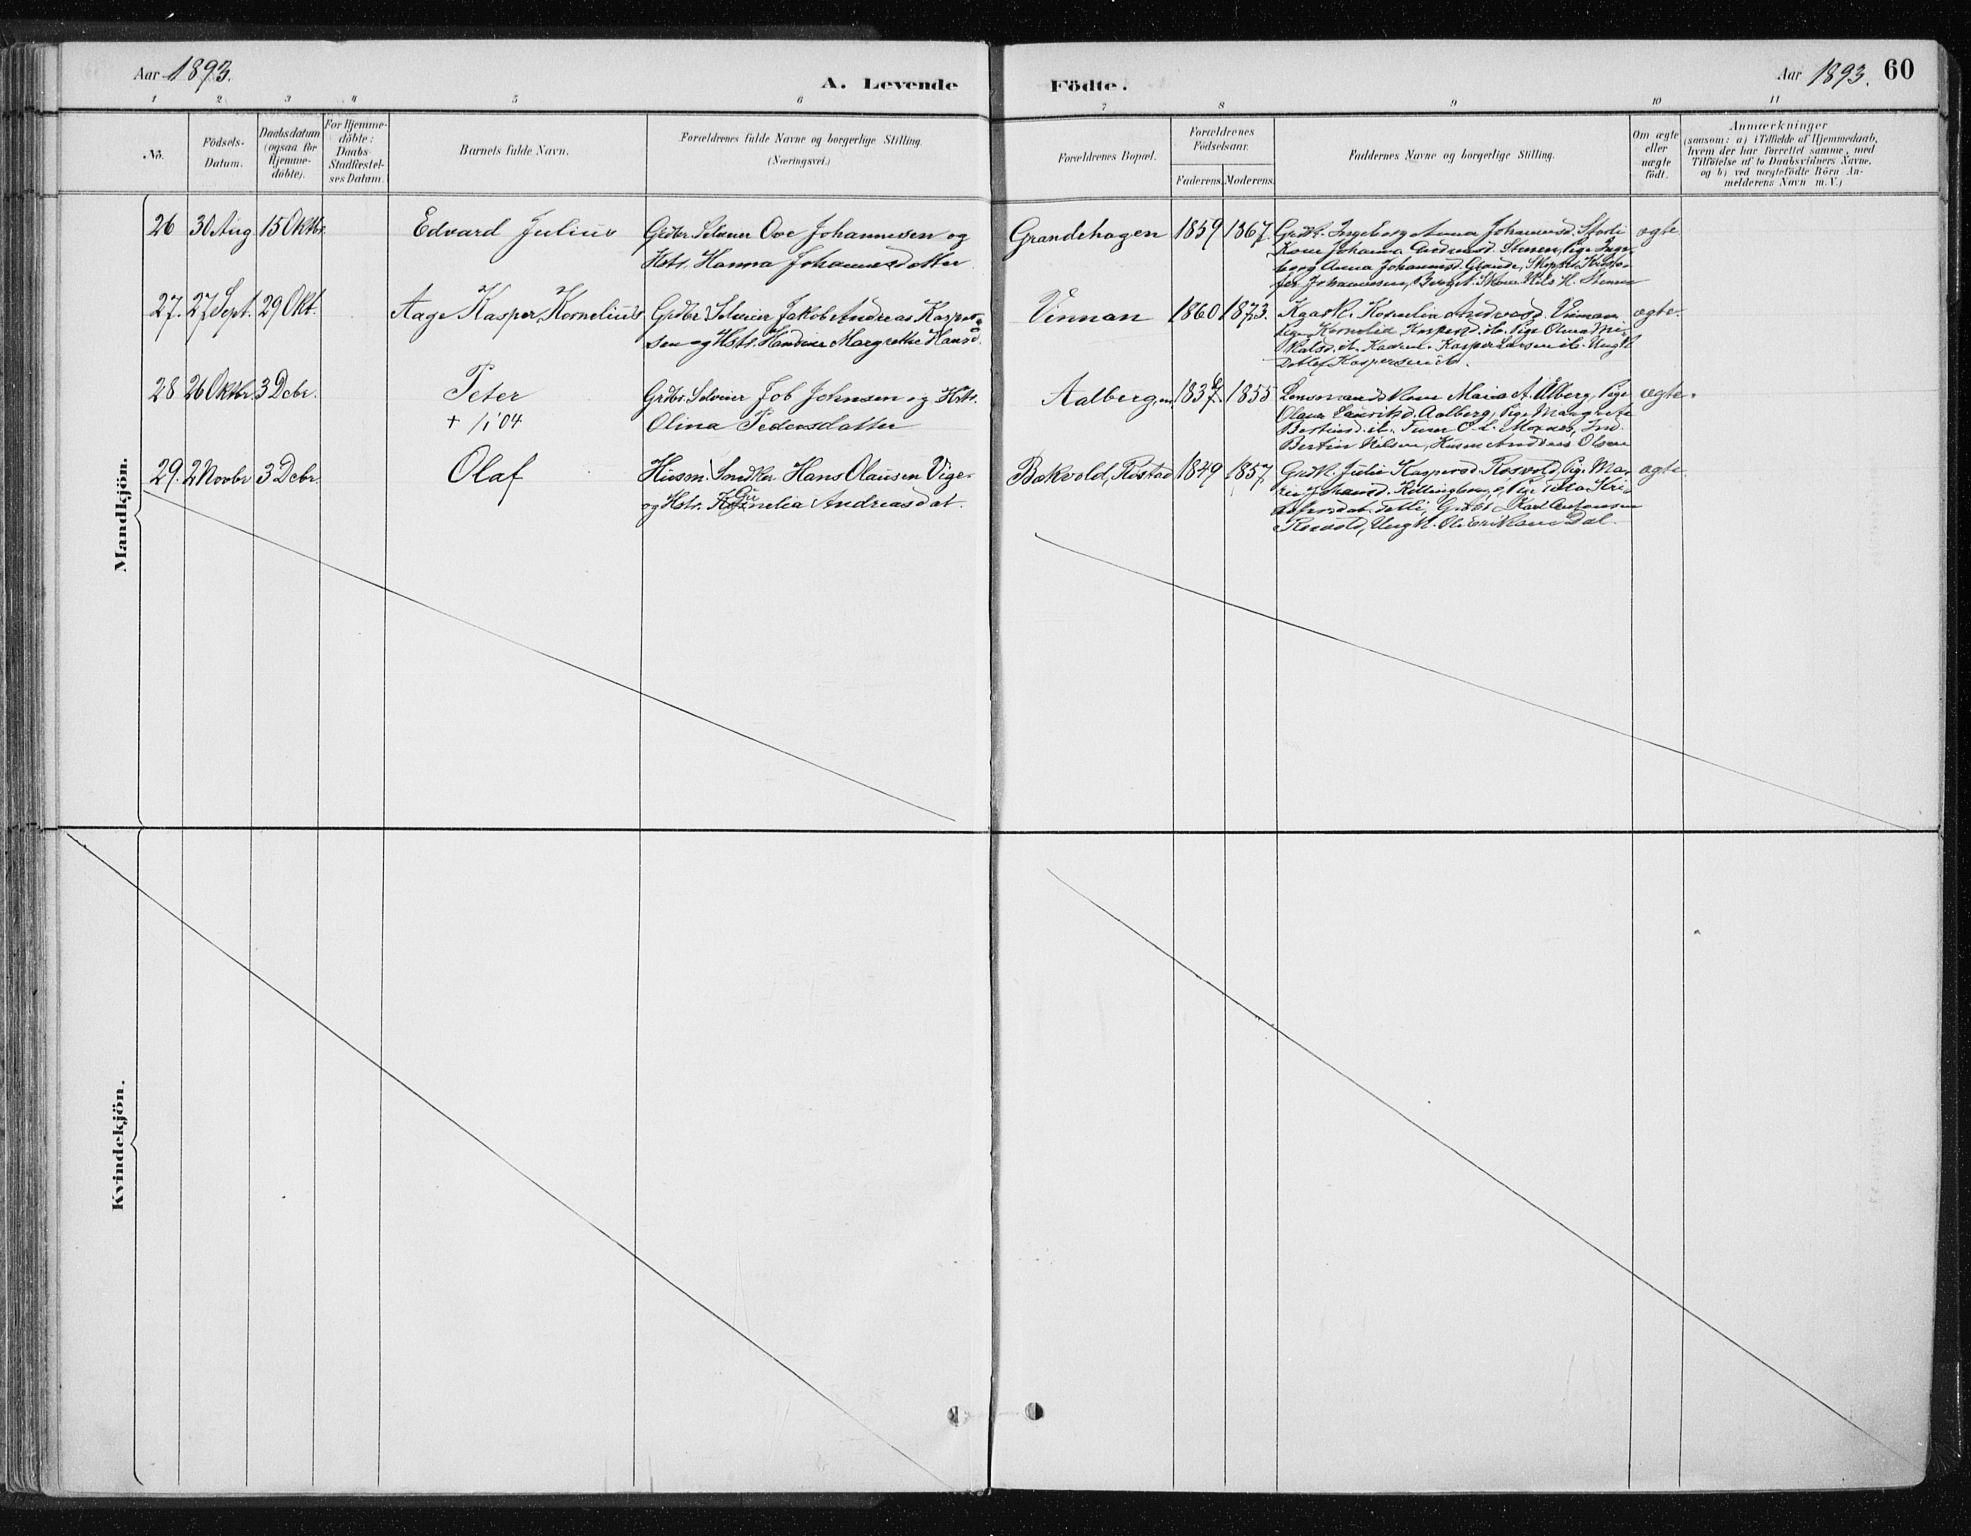 SAT, Ministerialprotokoller, klokkerbøker og fødselsregistre - Nord-Trøndelag, 701/L0010: Ministerialbok nr. 701A10, 1883-1899, s. 60